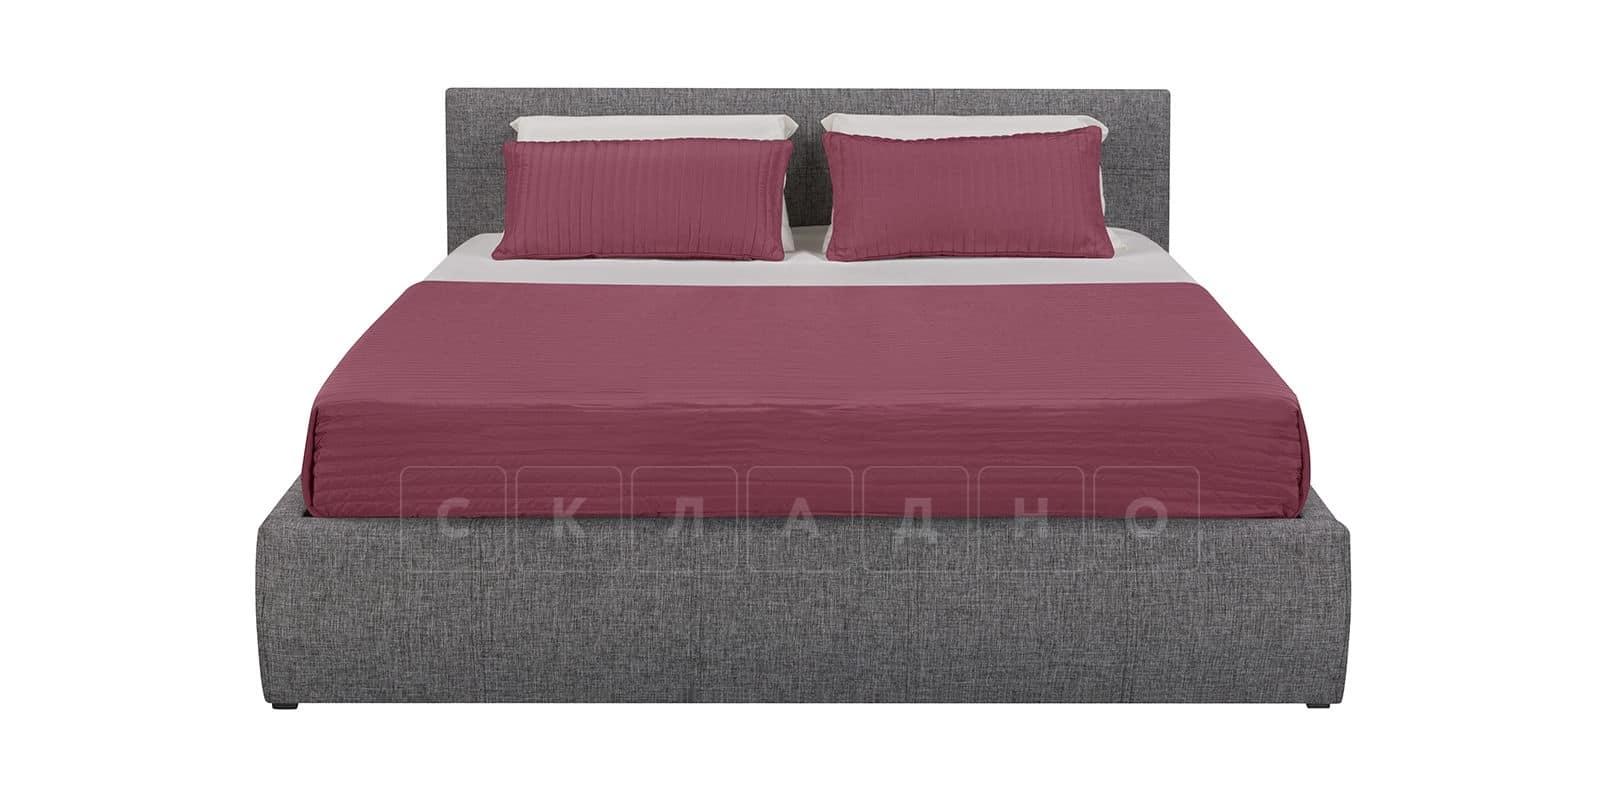 Мягкая кровать Афина 160см рогожка серого цвета фото 3 | интернет-магазин Складно